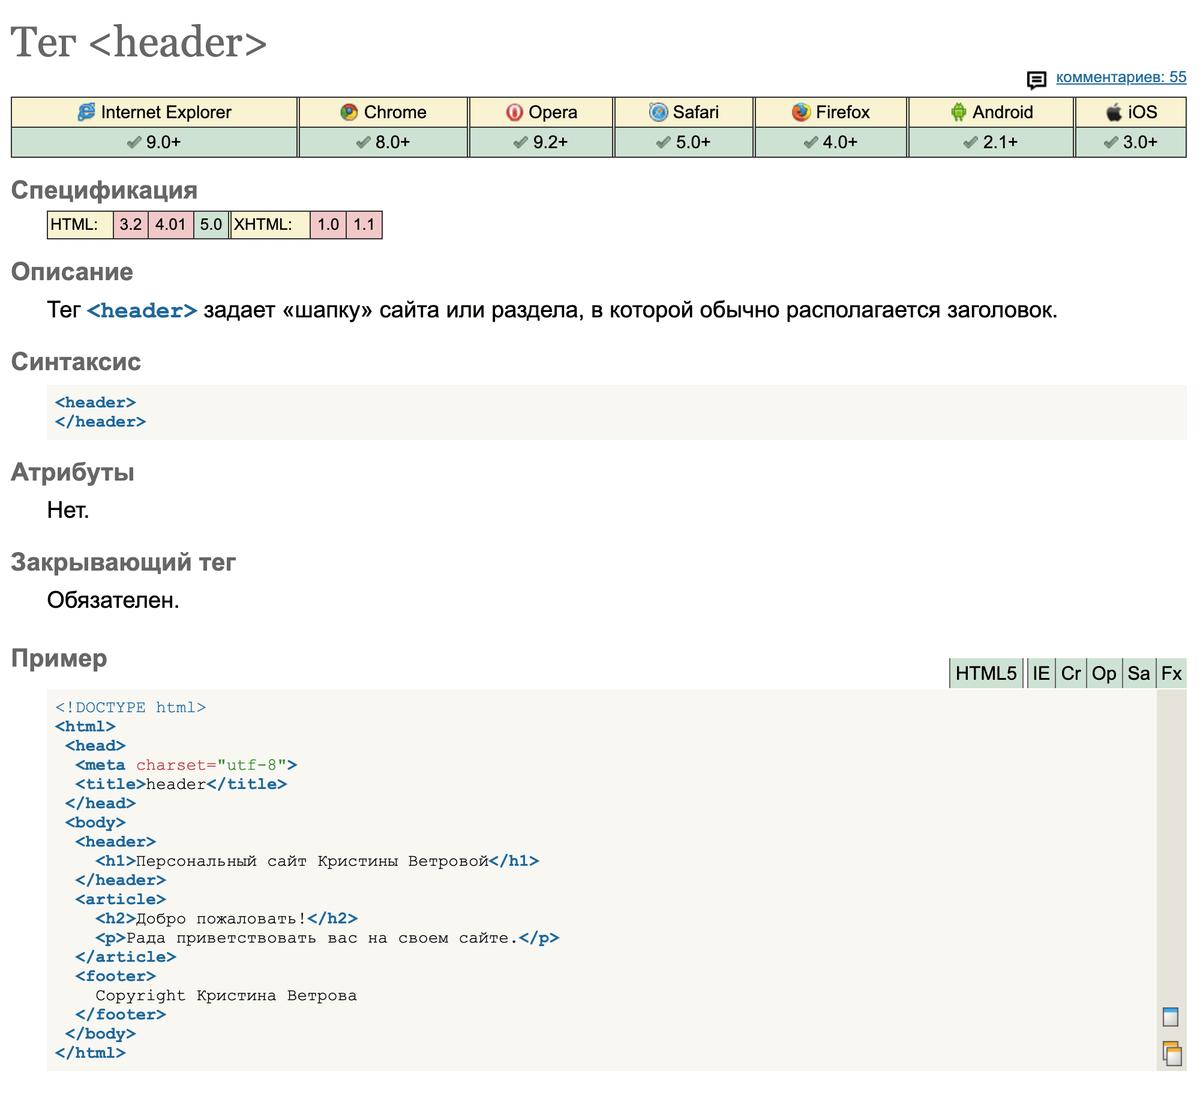 Если выбрать конкретный тег — здесь <header>, — учебник покажет, зачем он вообще нужен, в каких браузерах работает и как его применять